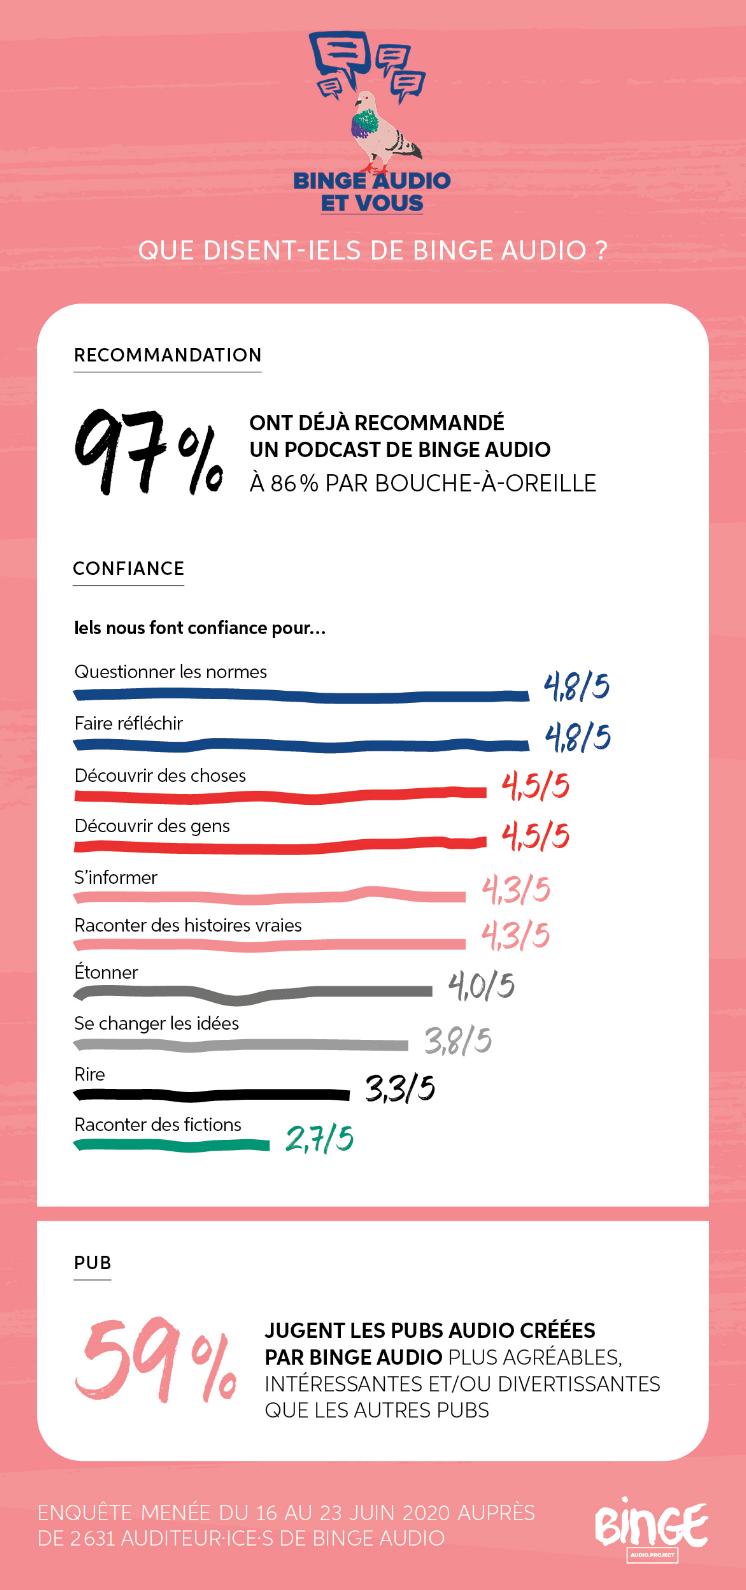 Qui sont les auditeurs de Binge Audio ?